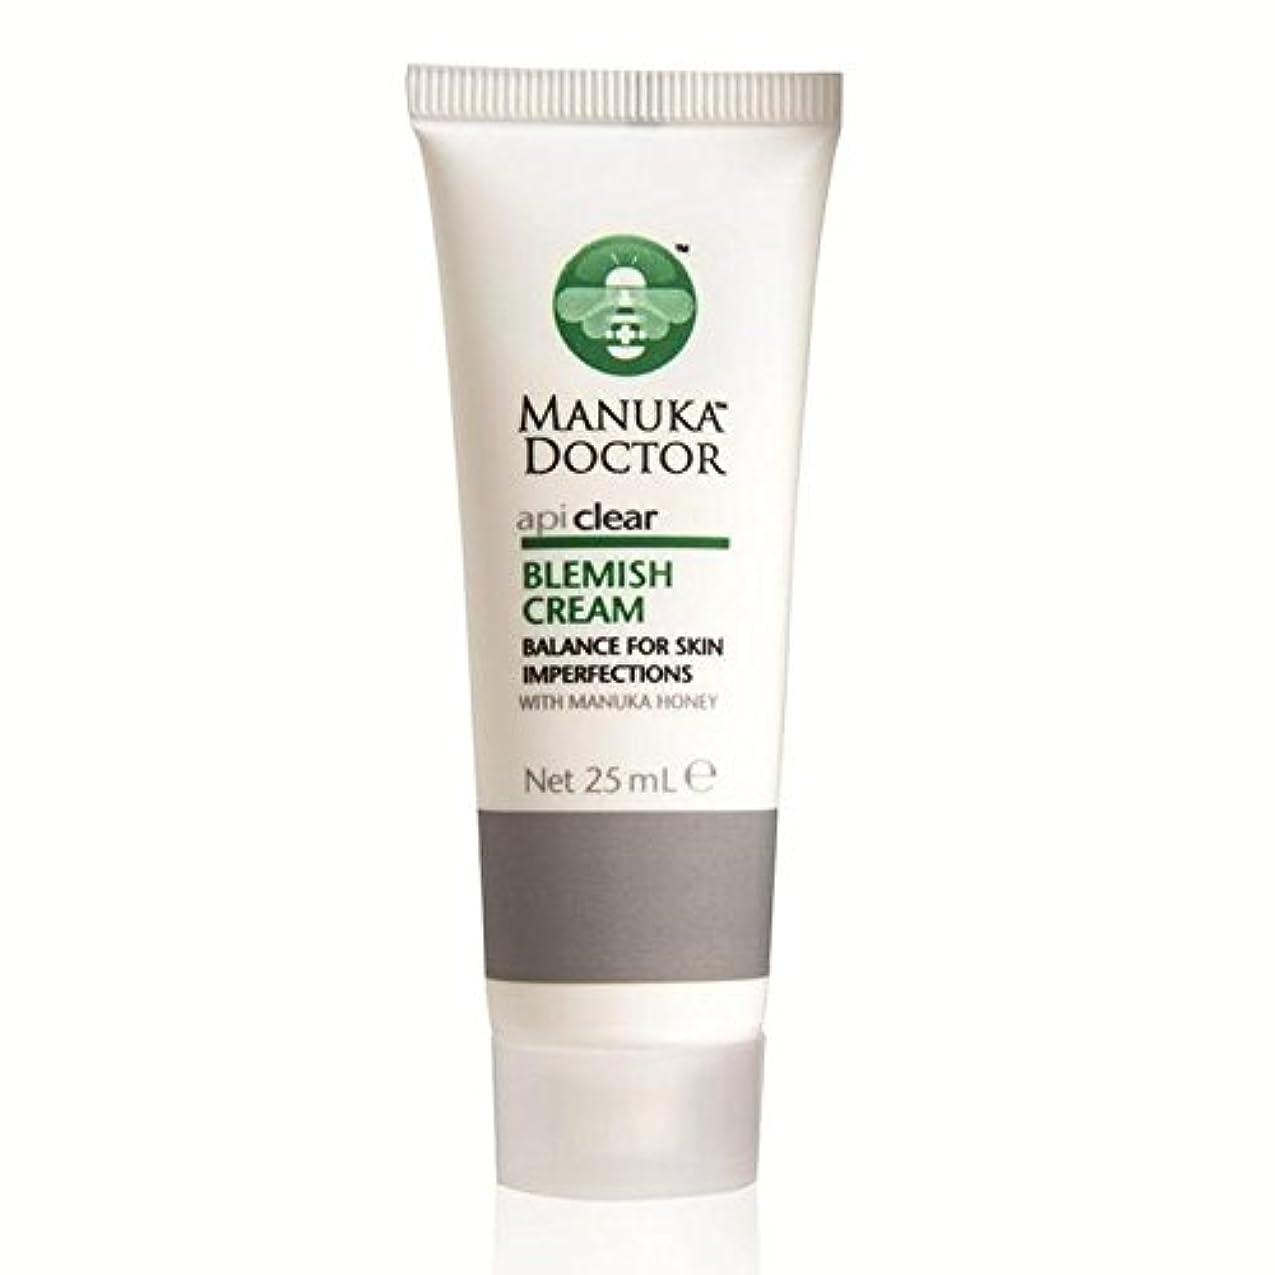 狐ダーリン怒りマヌカドクター明確な傷クリーム25ミリリットル x4 - Manuka Doctor Api Clear Blemish Cream 25ml (Pack of 4) [並行輸入品]